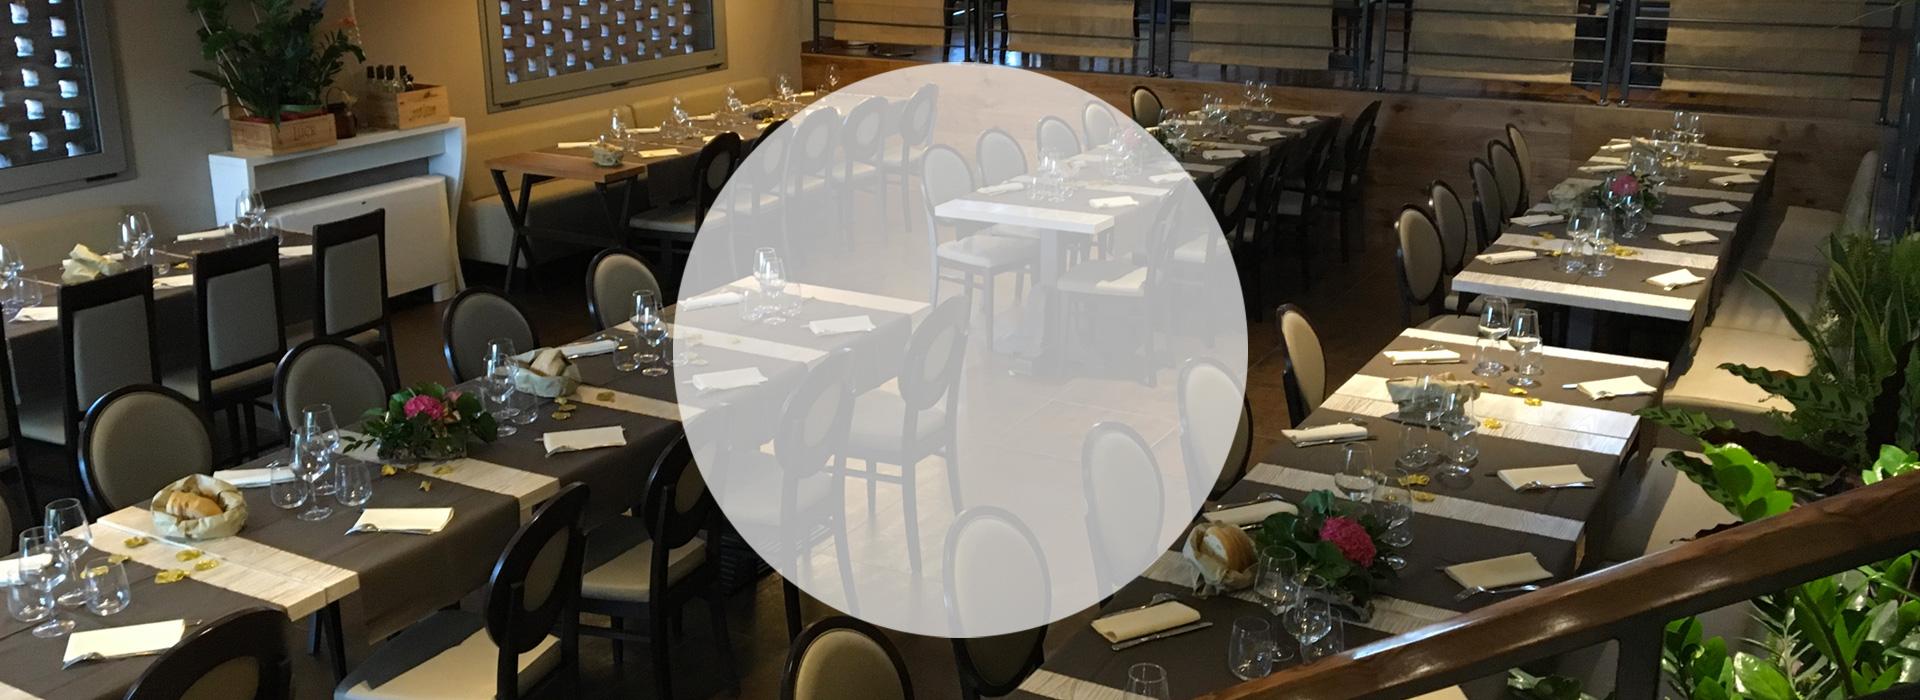 Ristorante-cucina-prodotti-orto-Toscana-Fair-Pistoia